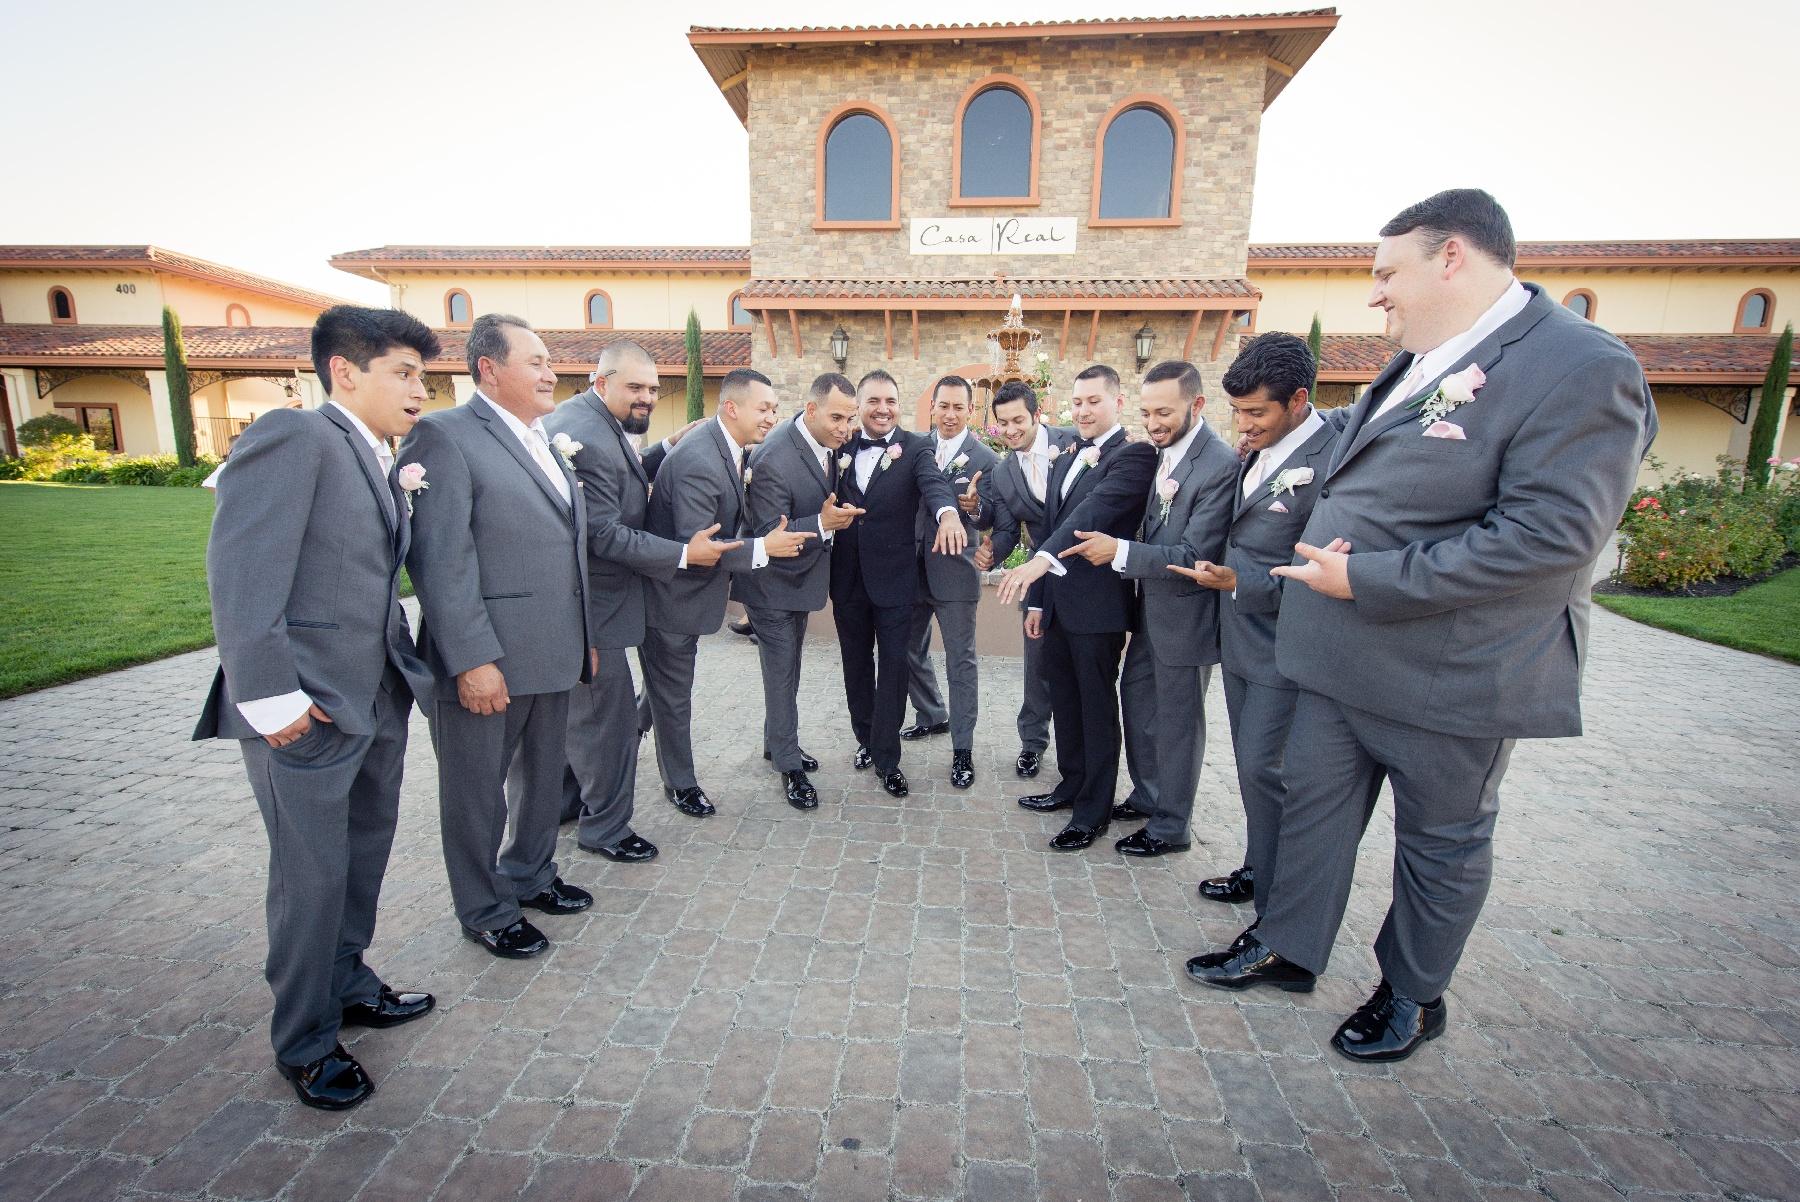 hugo and jimmy wedding 2014-10-05 34